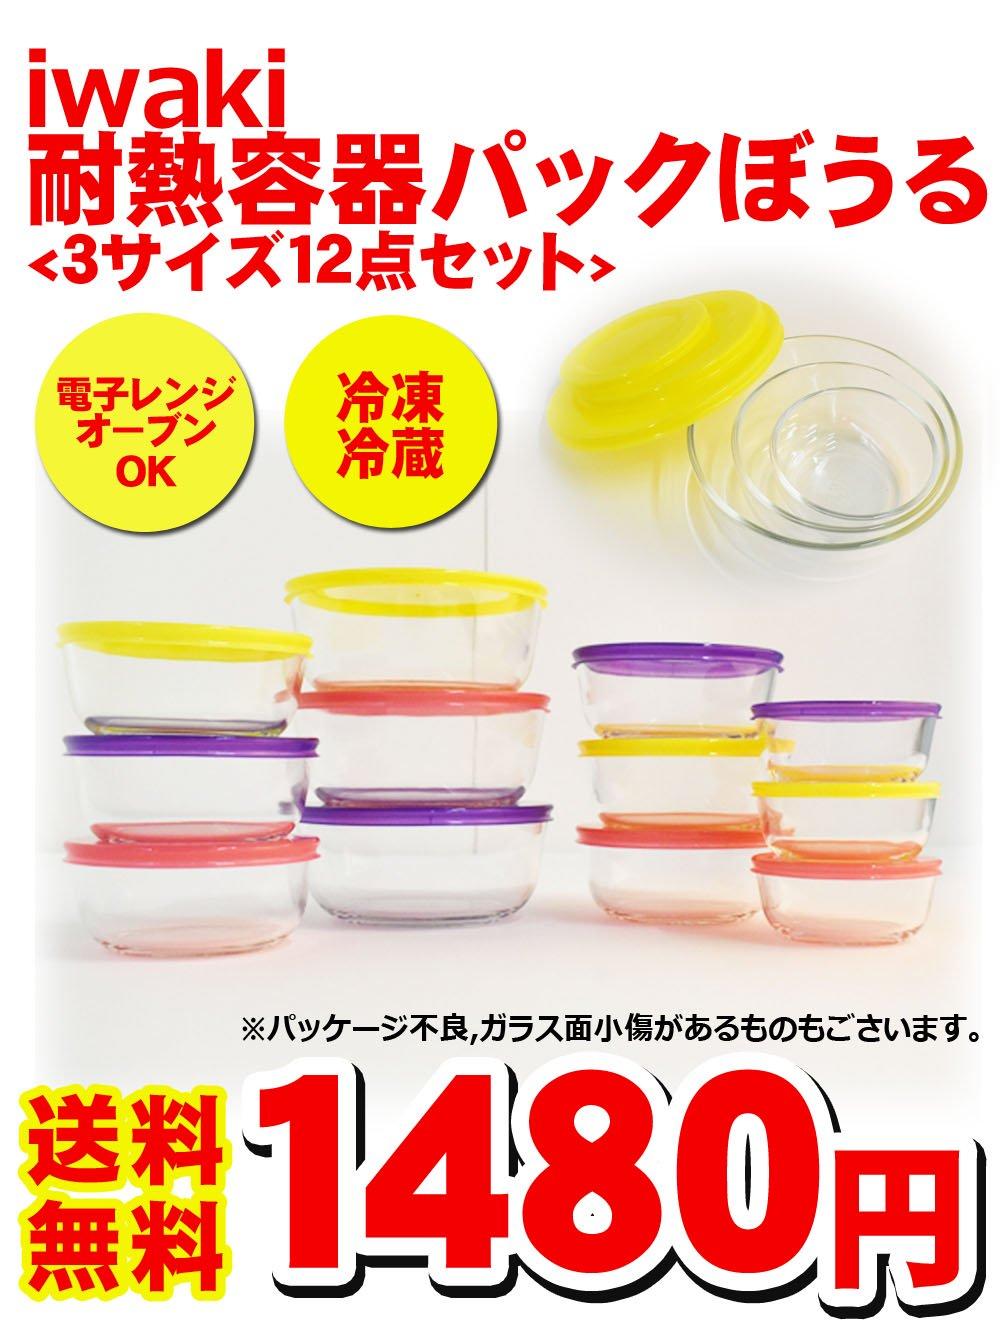 【送料無料】IWAKIイワキ パックぼうる 3サイズ12点セット【訳あり パッケージ不良 ガラス面小傷あり】1480円